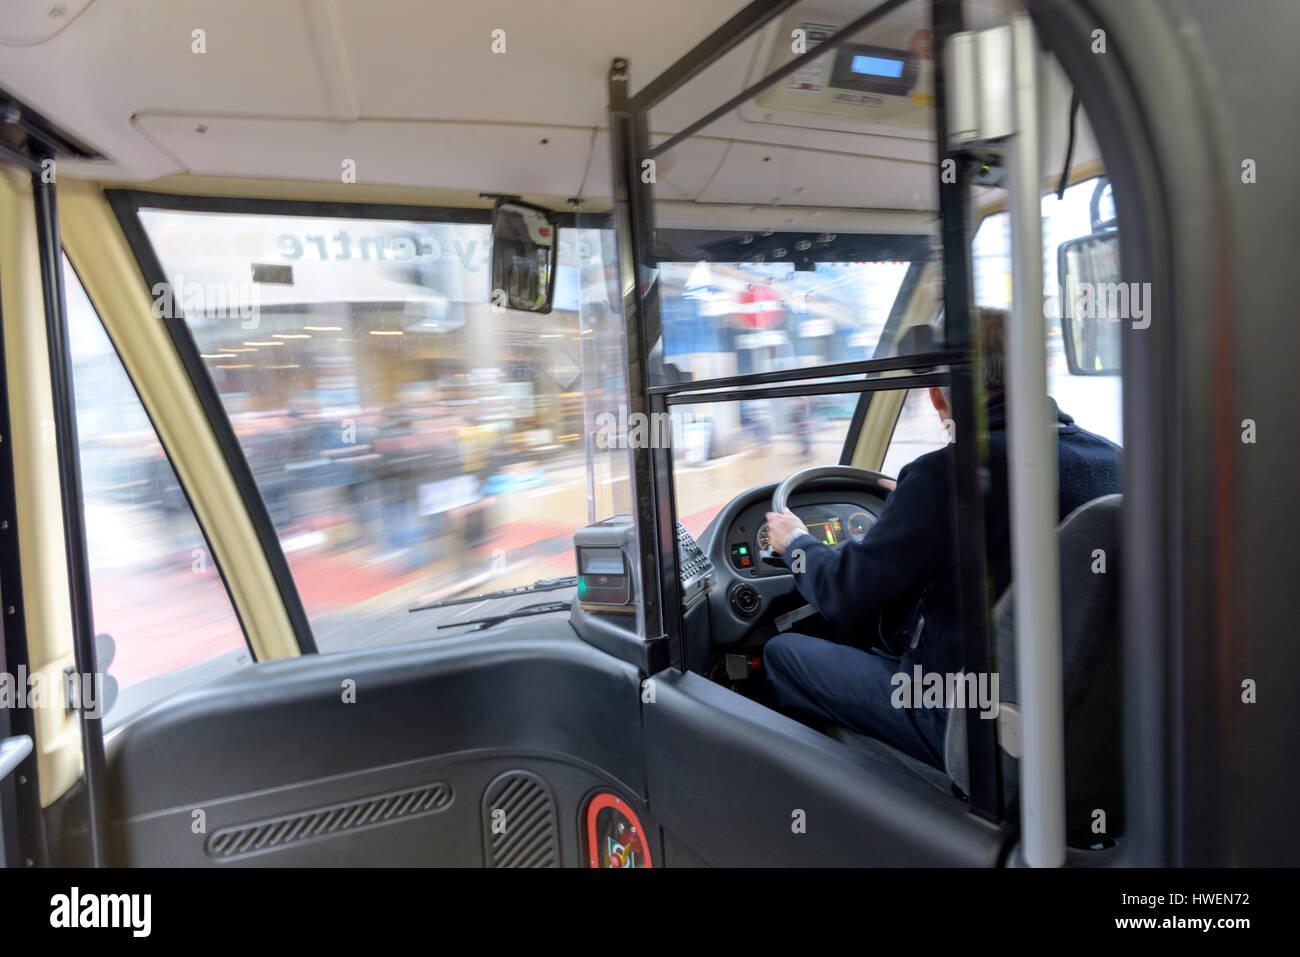 Bus driver di pilotaggio del bus elettrico nel traffico Immagini Stock